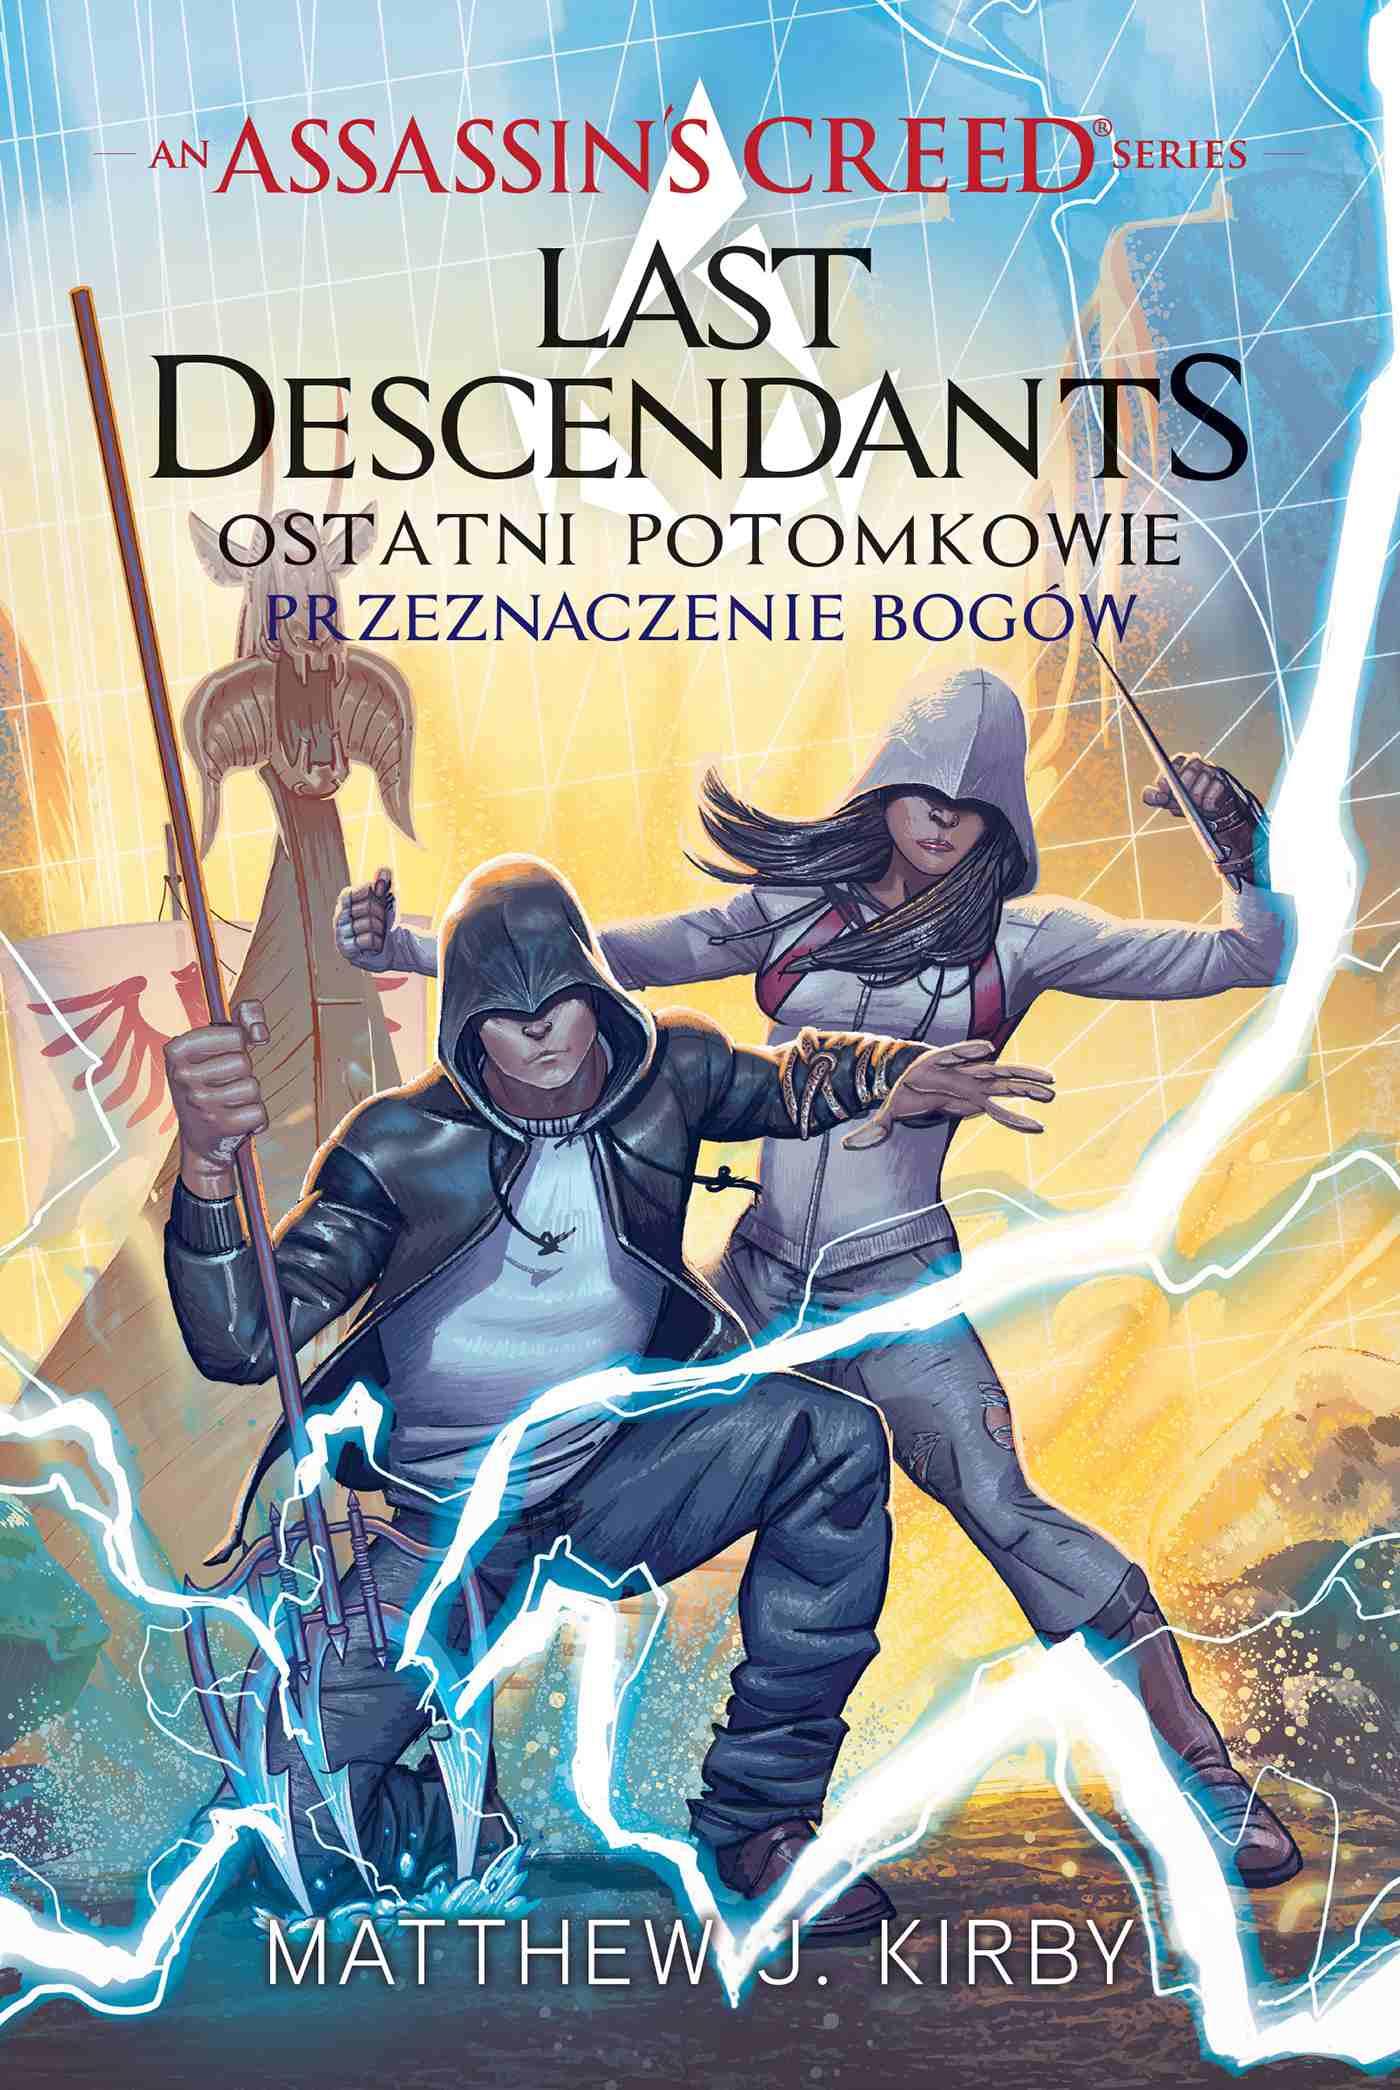 Assassin's Creed: Last Descendants. Ostatni potomkowie. Przeznaczenie bogów - Ebook (Książka EPUB) do pobrania w formacie EPUB